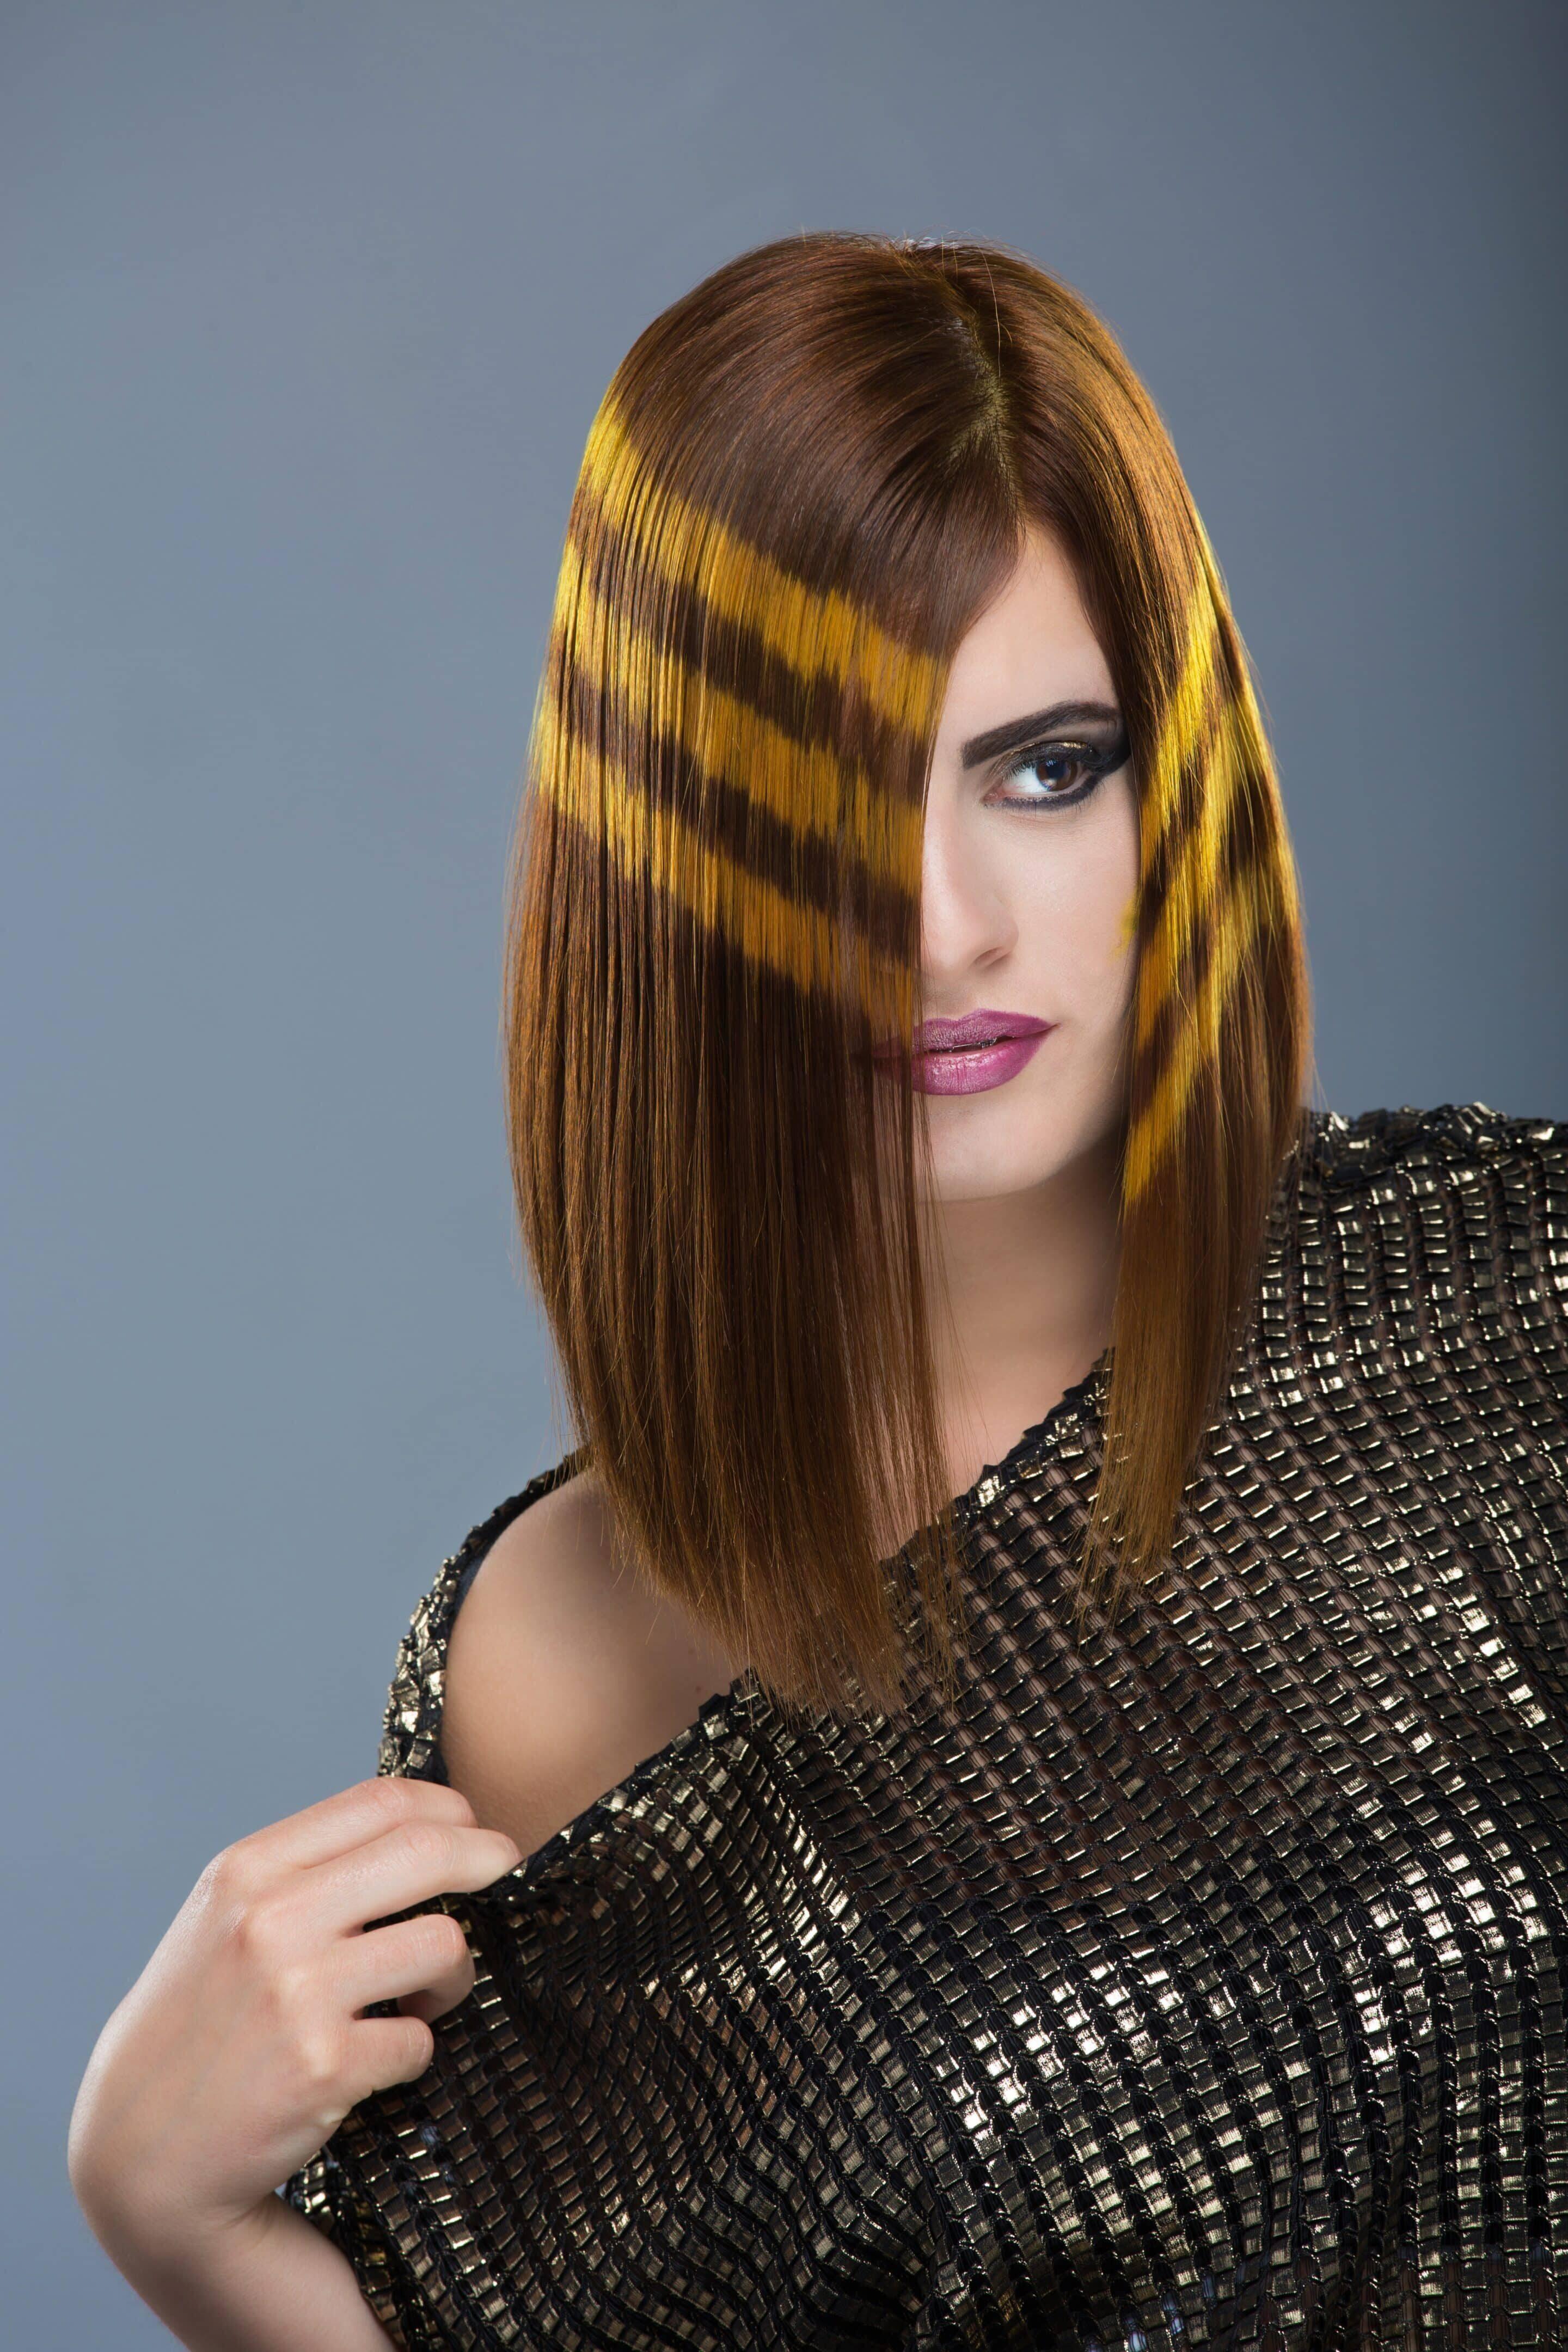 Silicone in Kosmetika und Haarpflegeprodukten